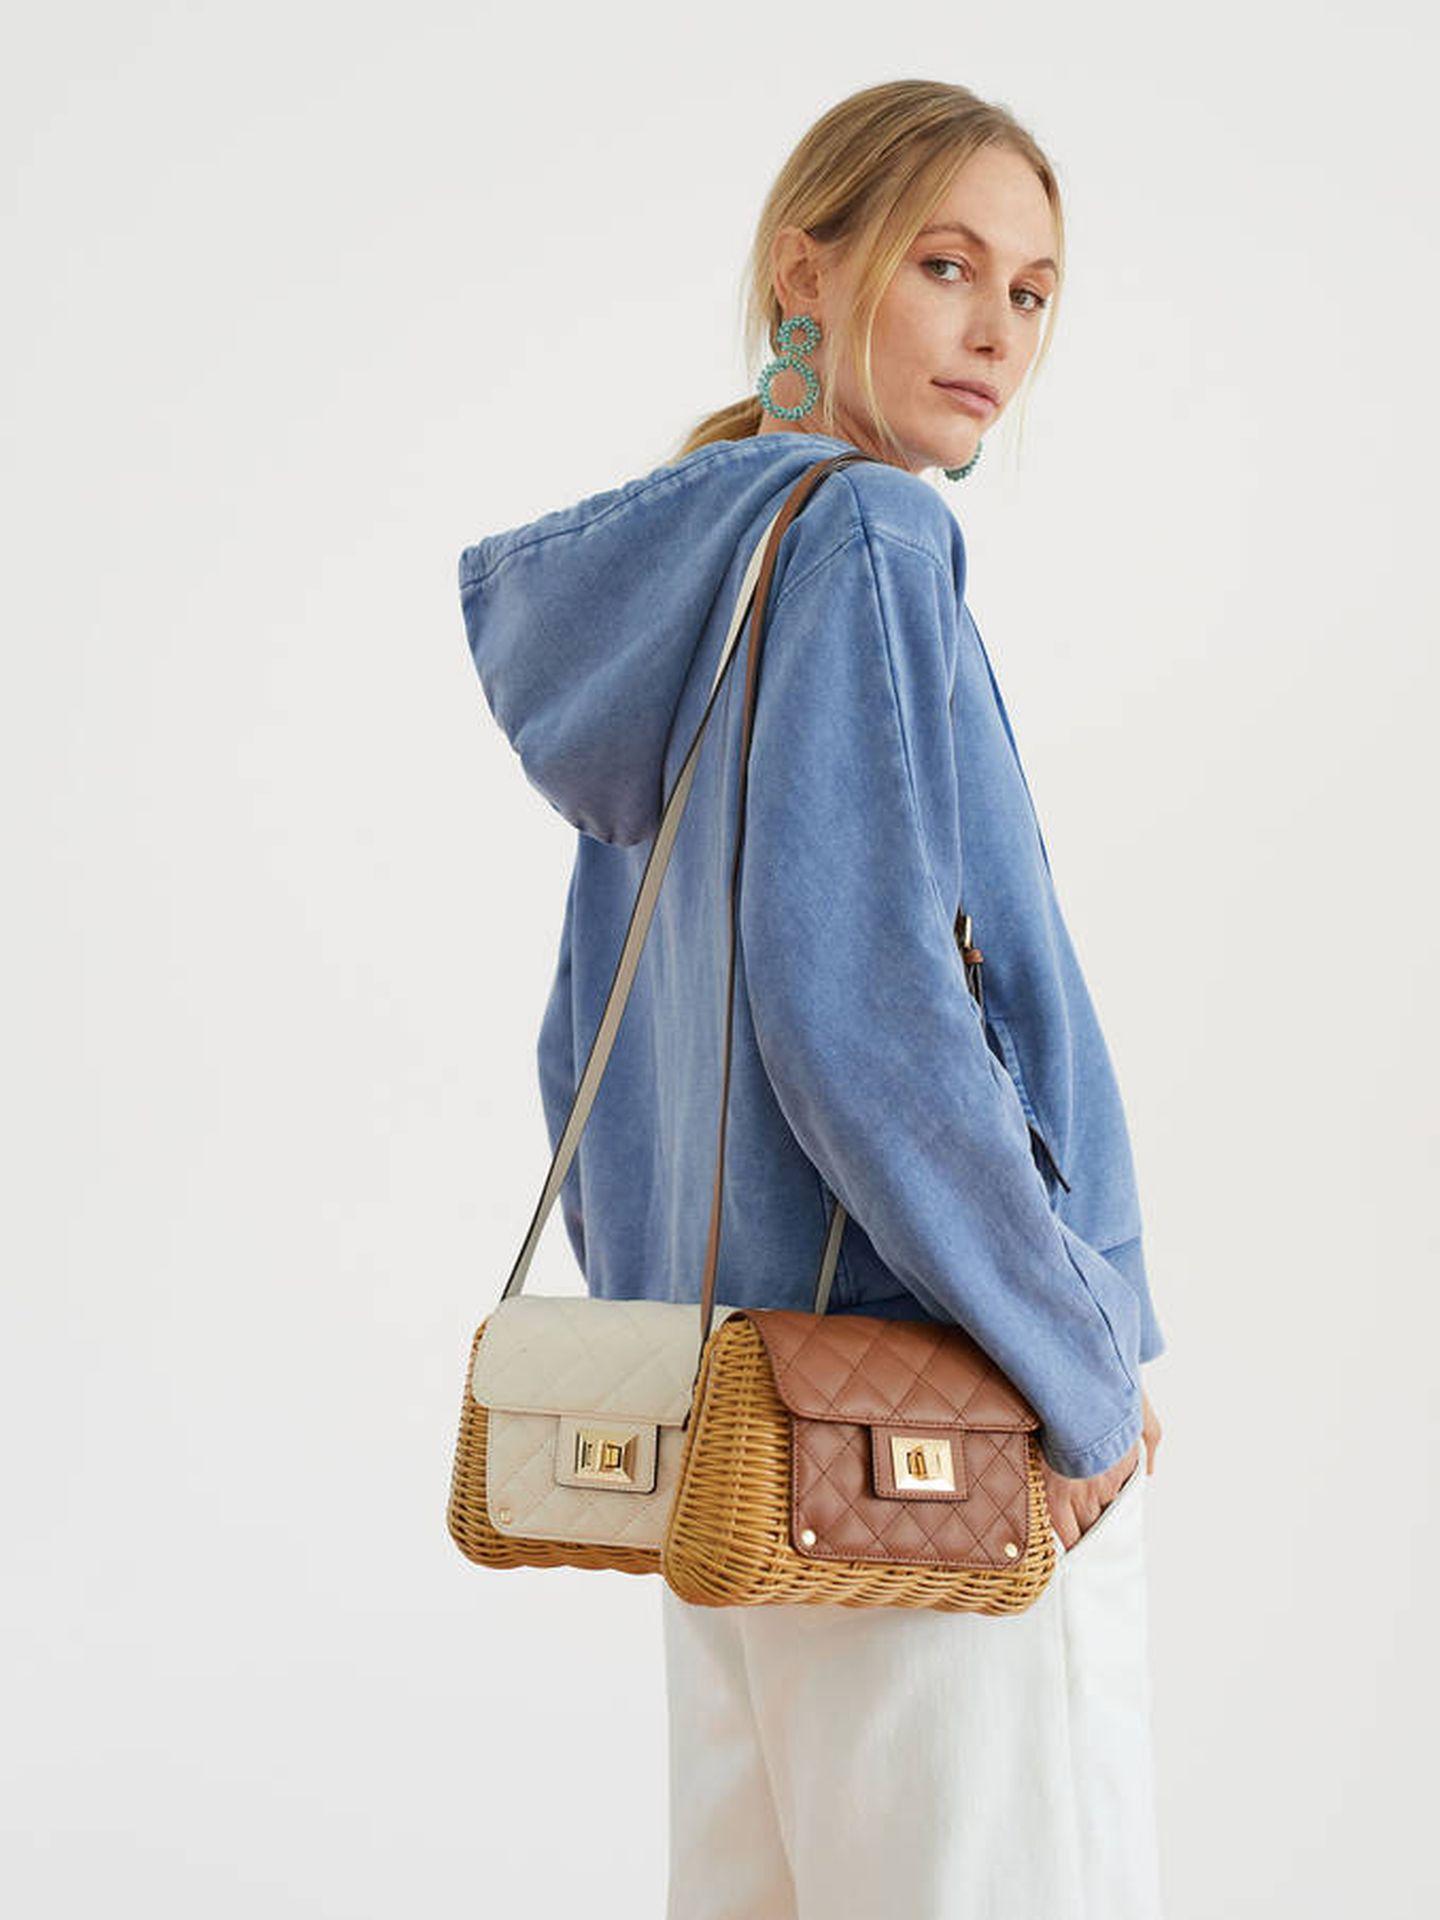 El nuevo bolso de Parfois. (Cortesía)